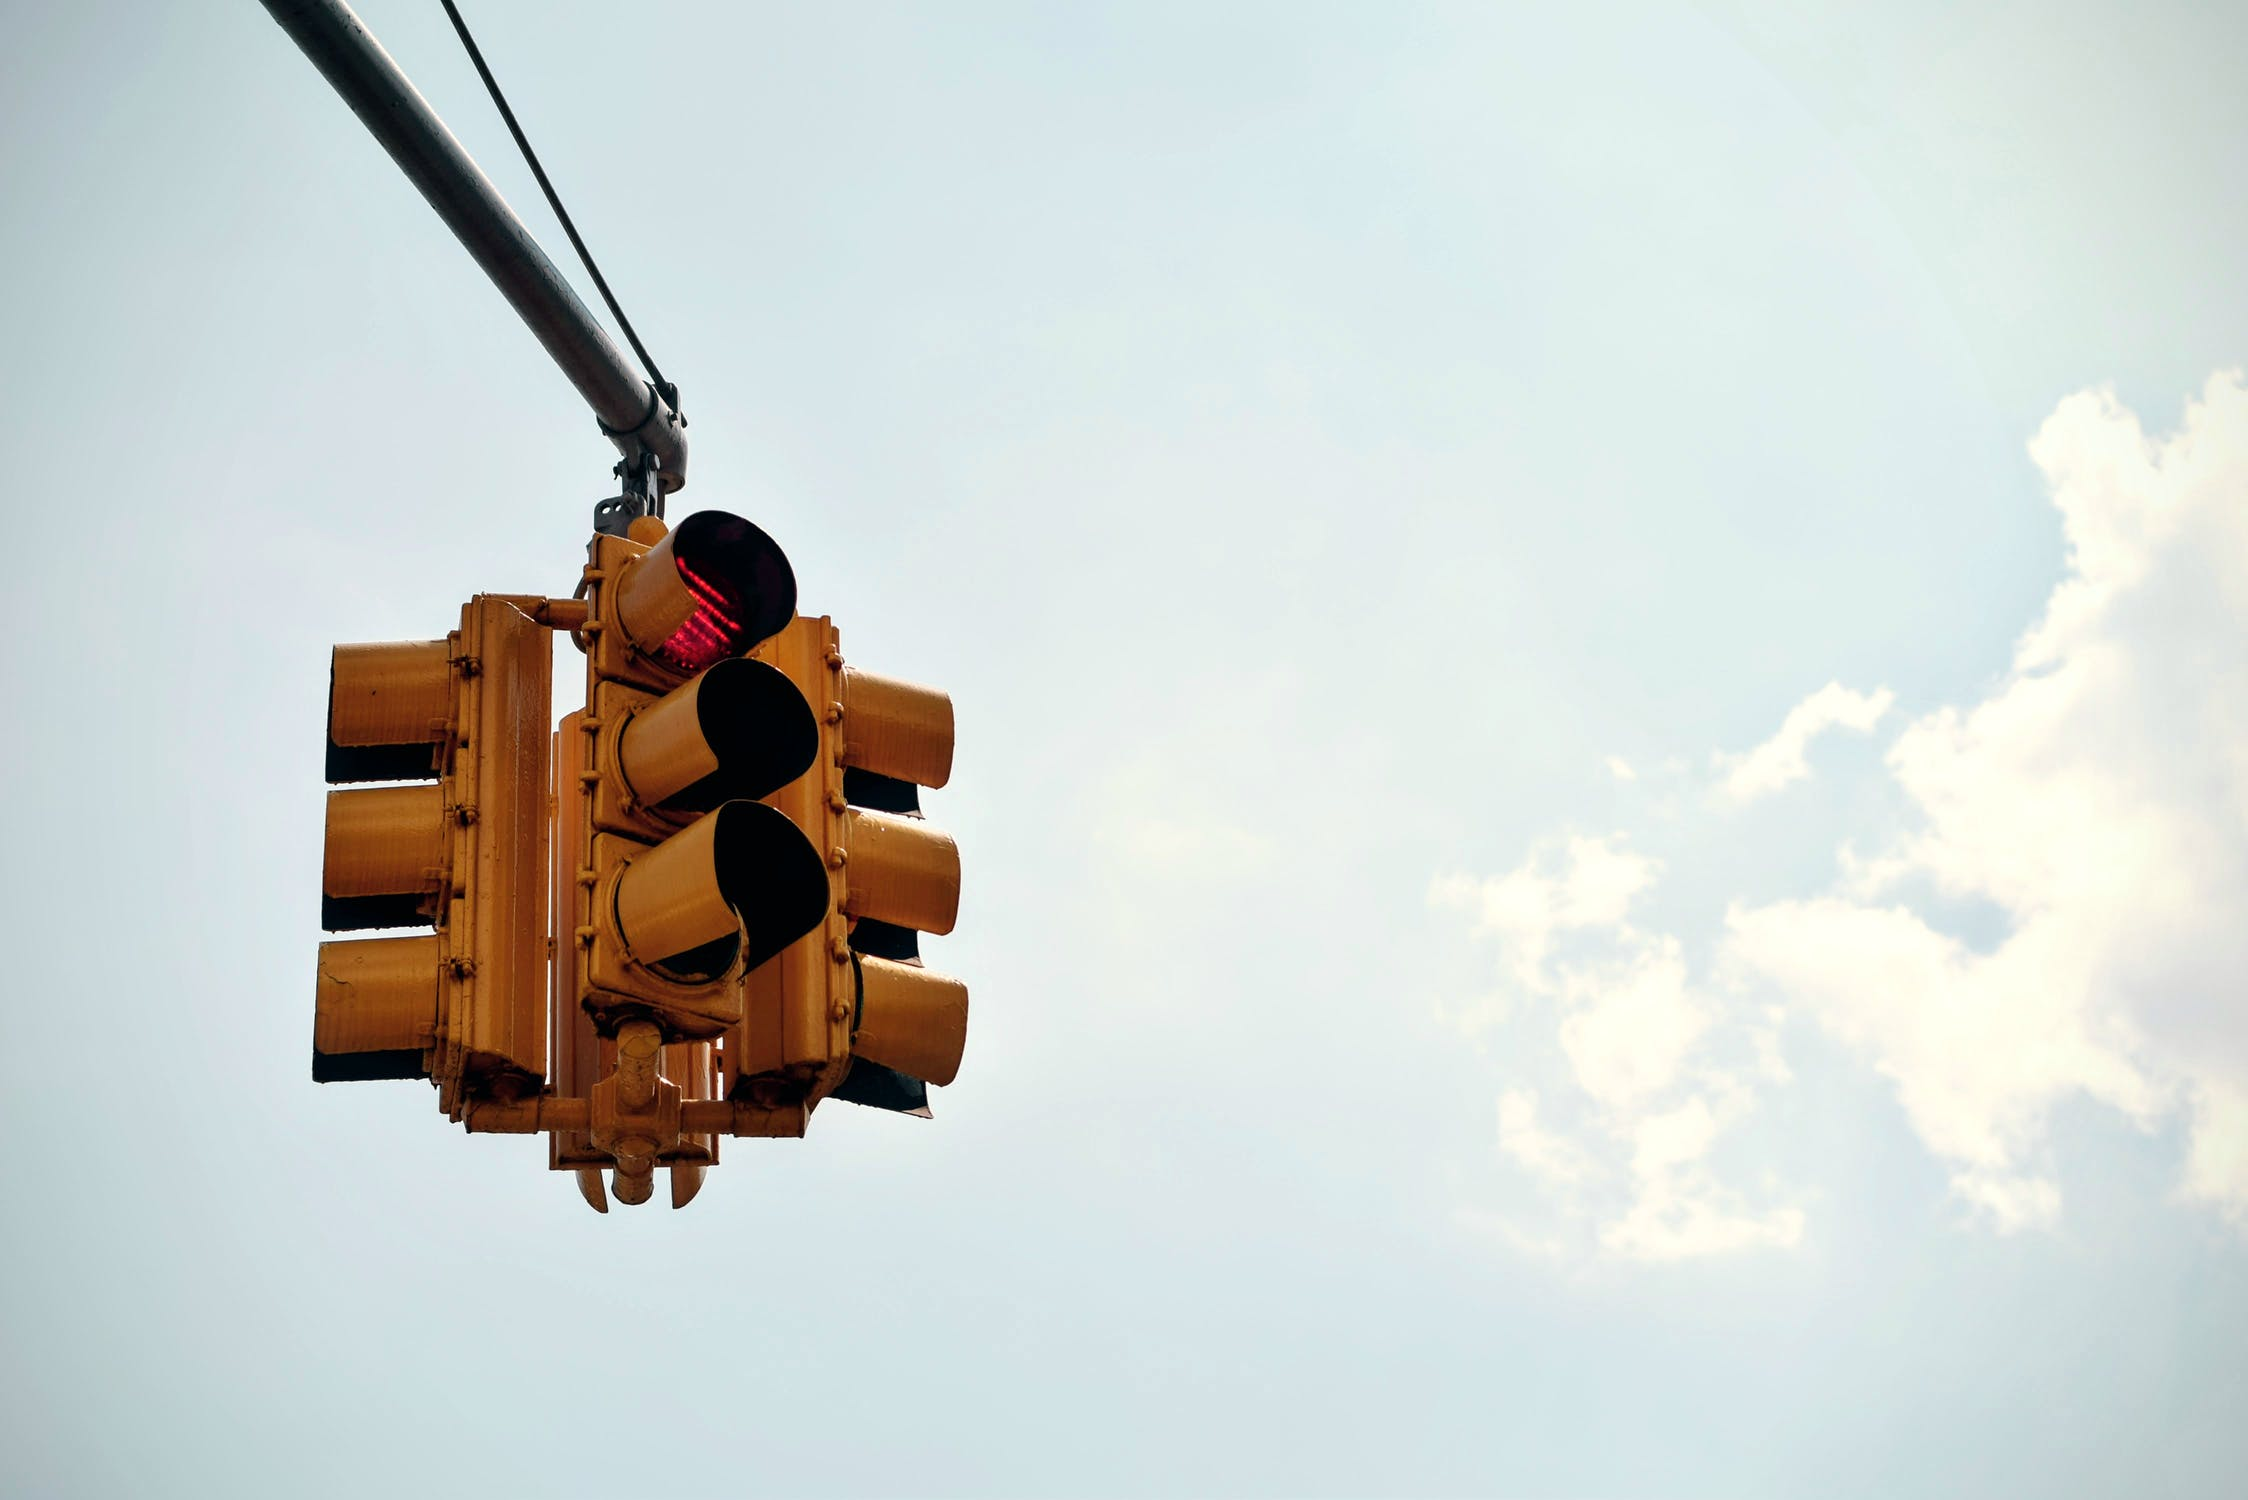 Nieuw bij de entree van OFJ: een mooie gele verkeerszuil